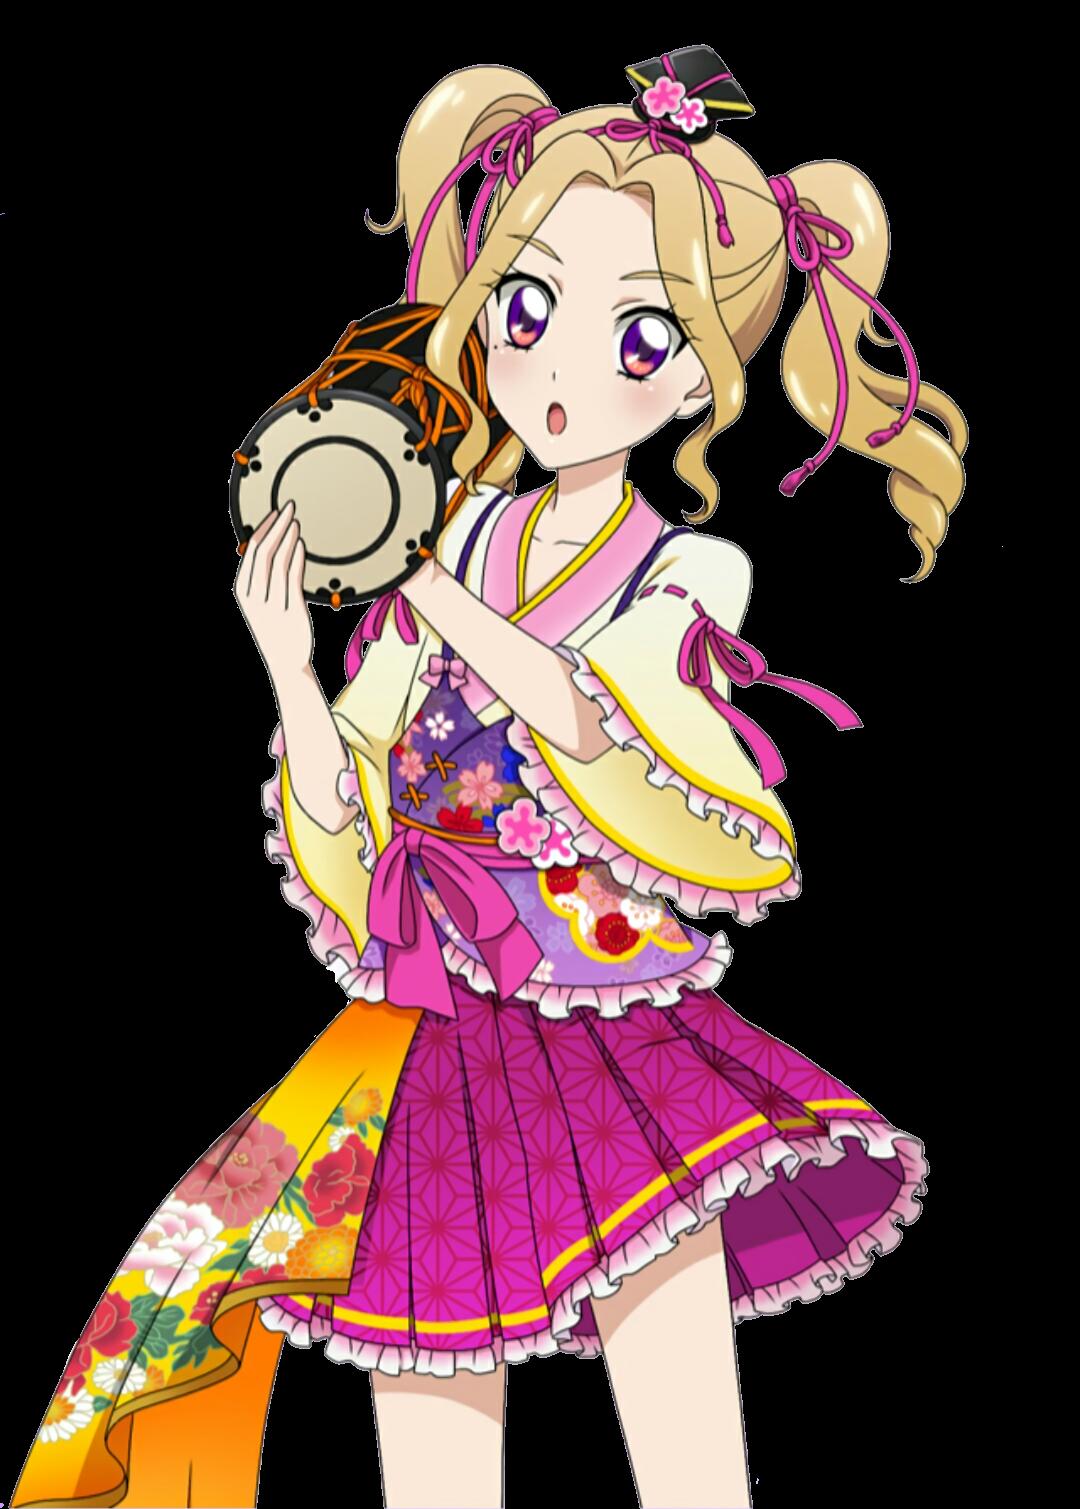 Image nono aikatsu wiki fandom powered by wikia - Diva mizuki 2 ...